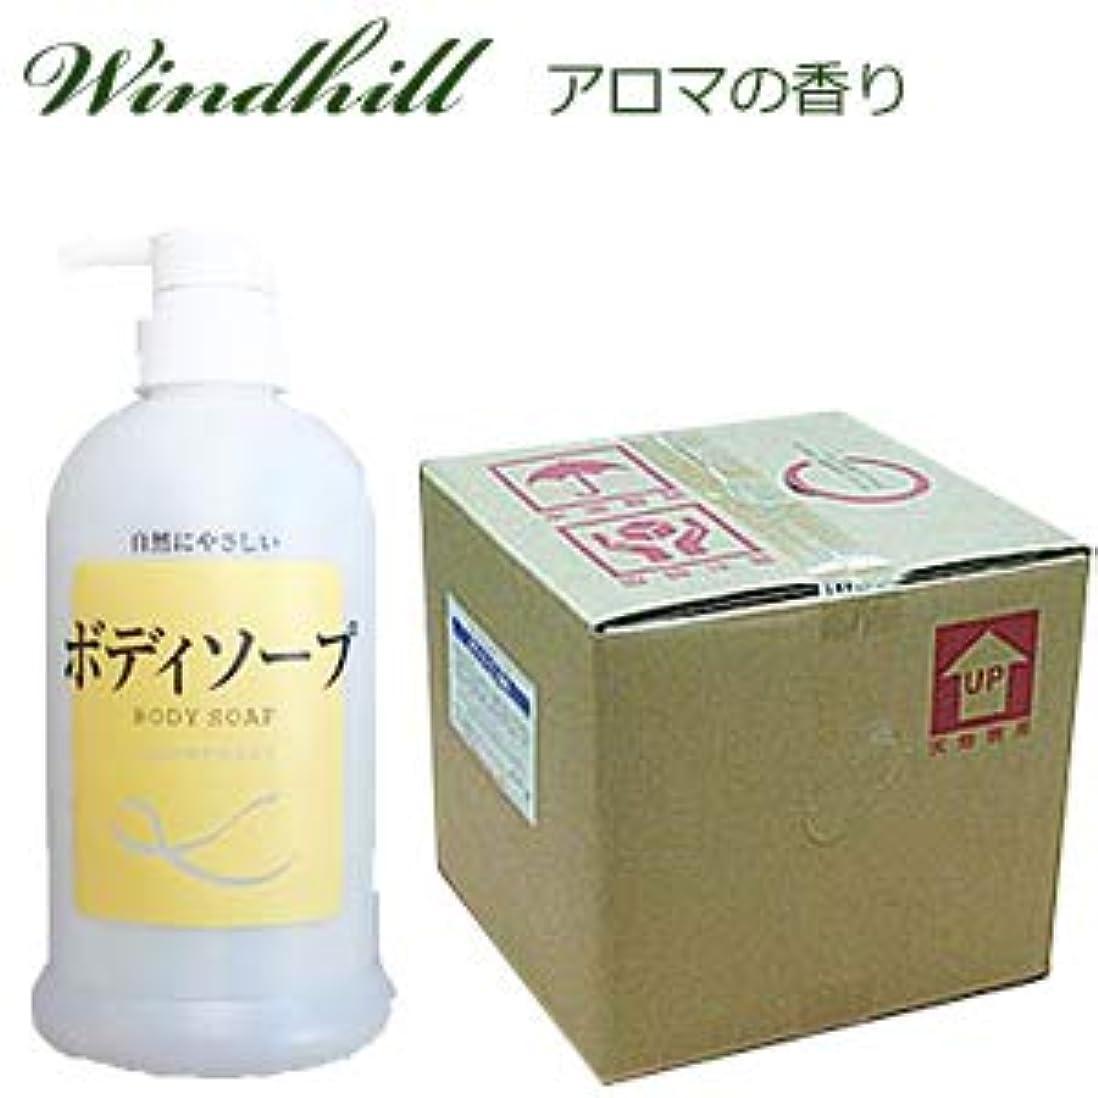 なんと! 500ml当り188円 Windhill 植物性業務用 ボディソープ  紅茶を思うアロマの香り 20L